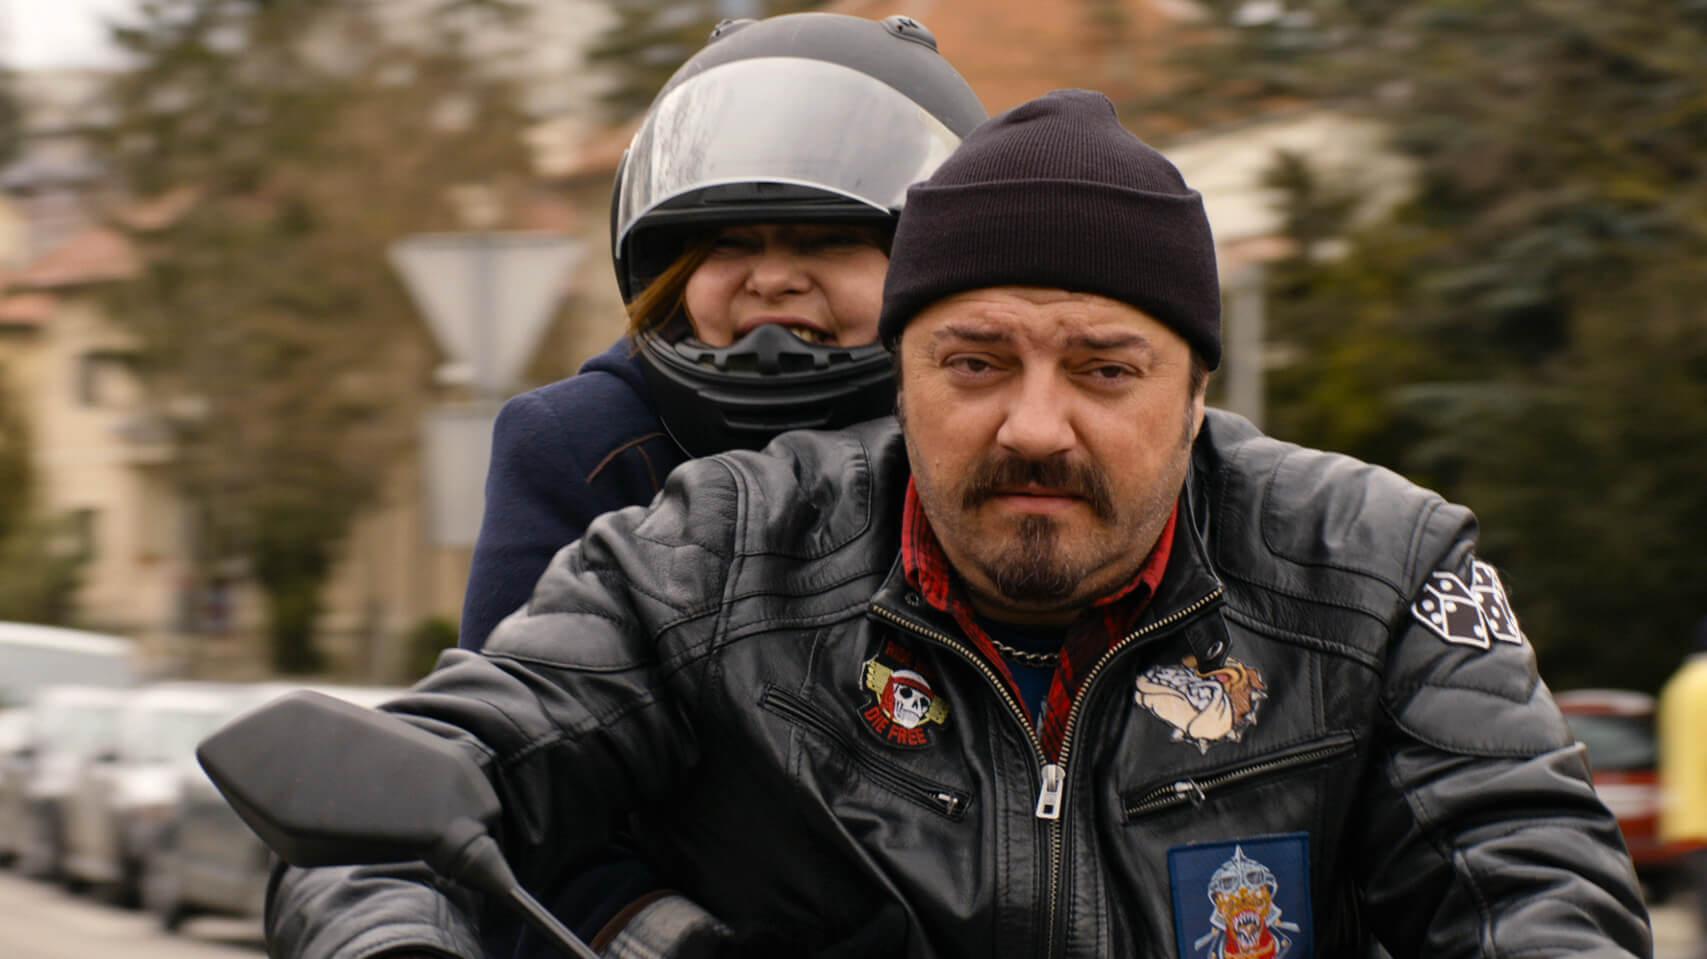 Marinković and Goran Navojec